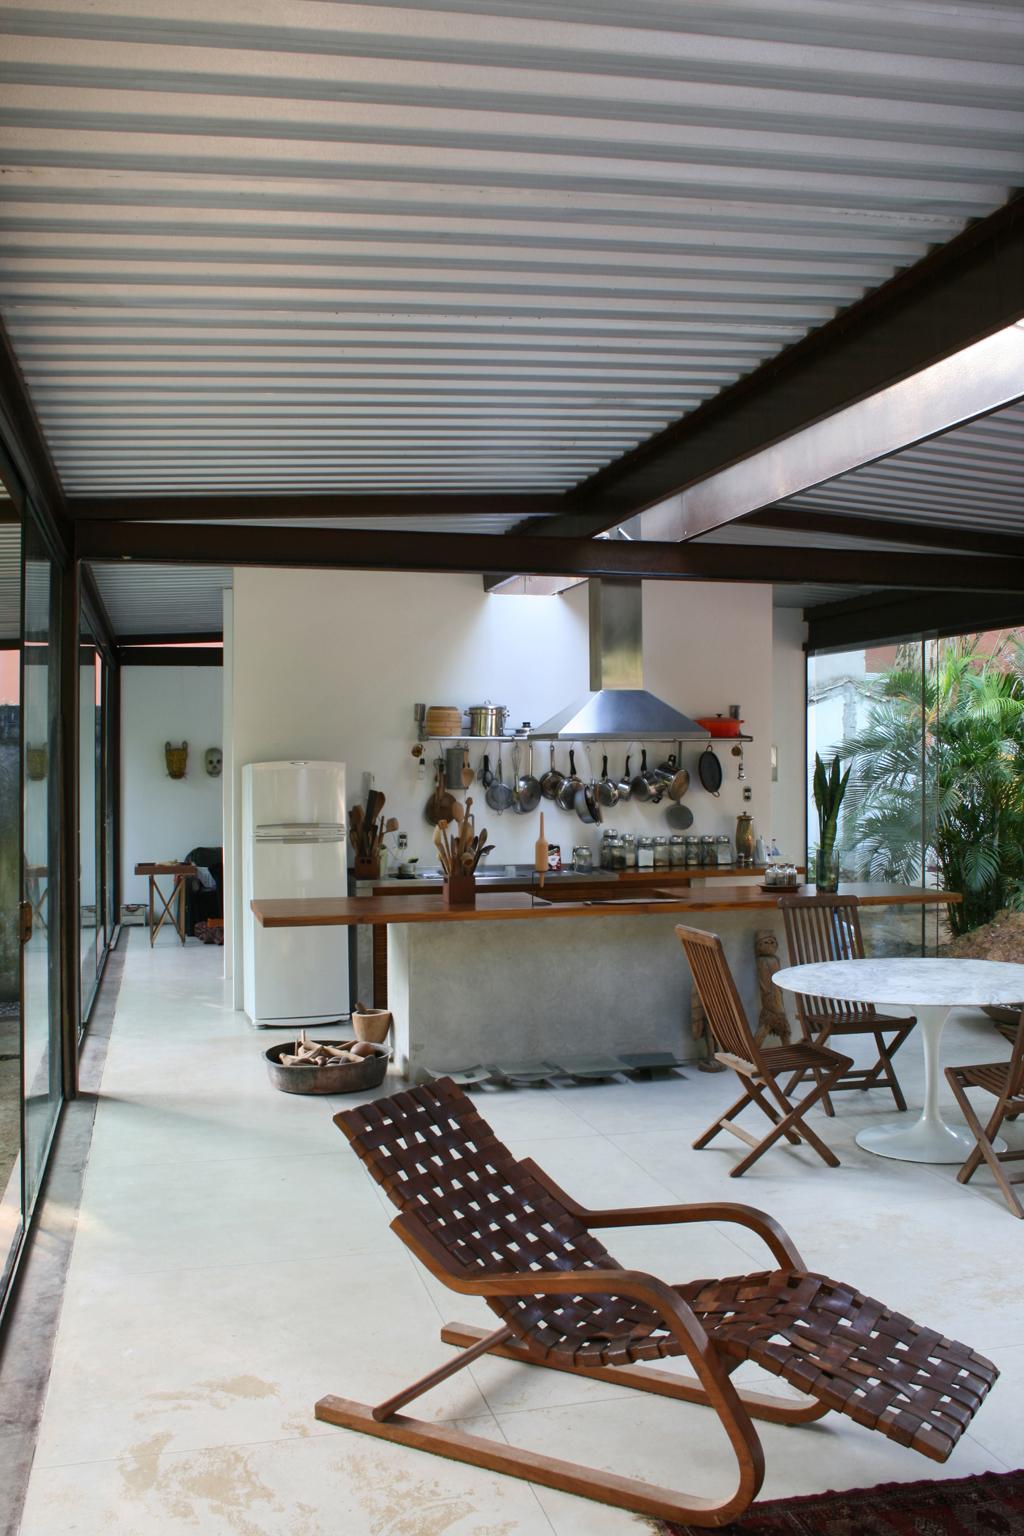 vista interna cozinha e sala de estar mdc . revista de arquitetura e  #63442D 1024 1536